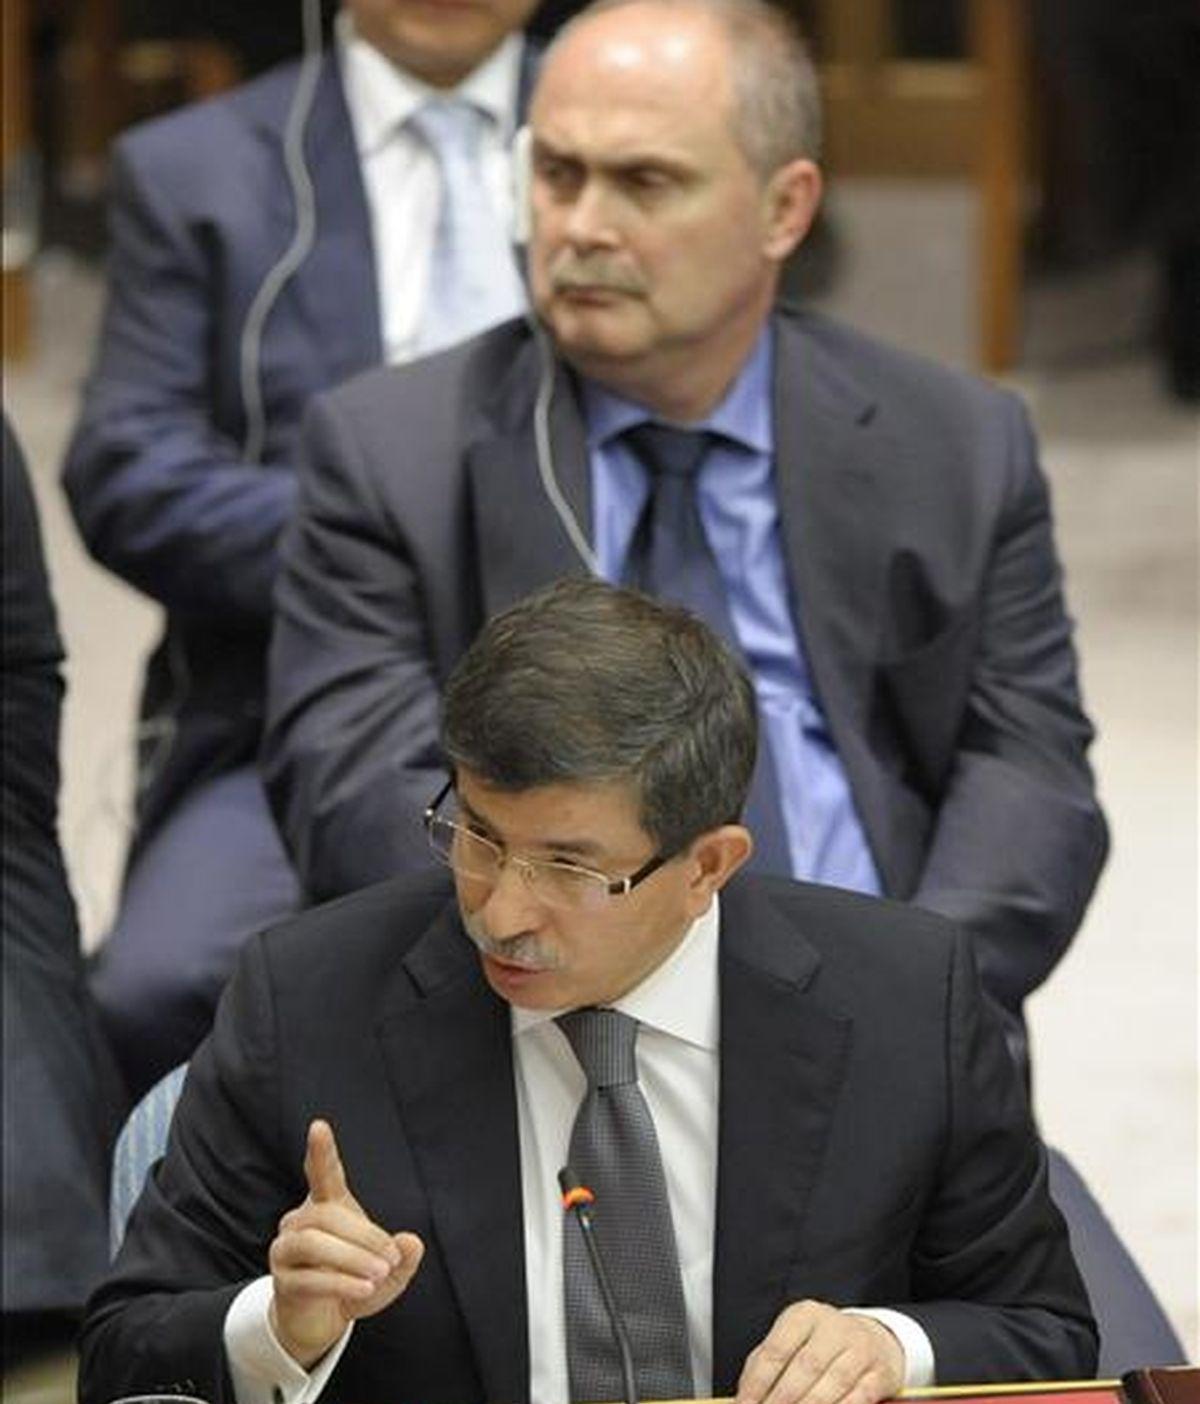 El ministro de Relaciones Exteriores de Turquía, Ahmet Davutoglu. EFE/Archivo